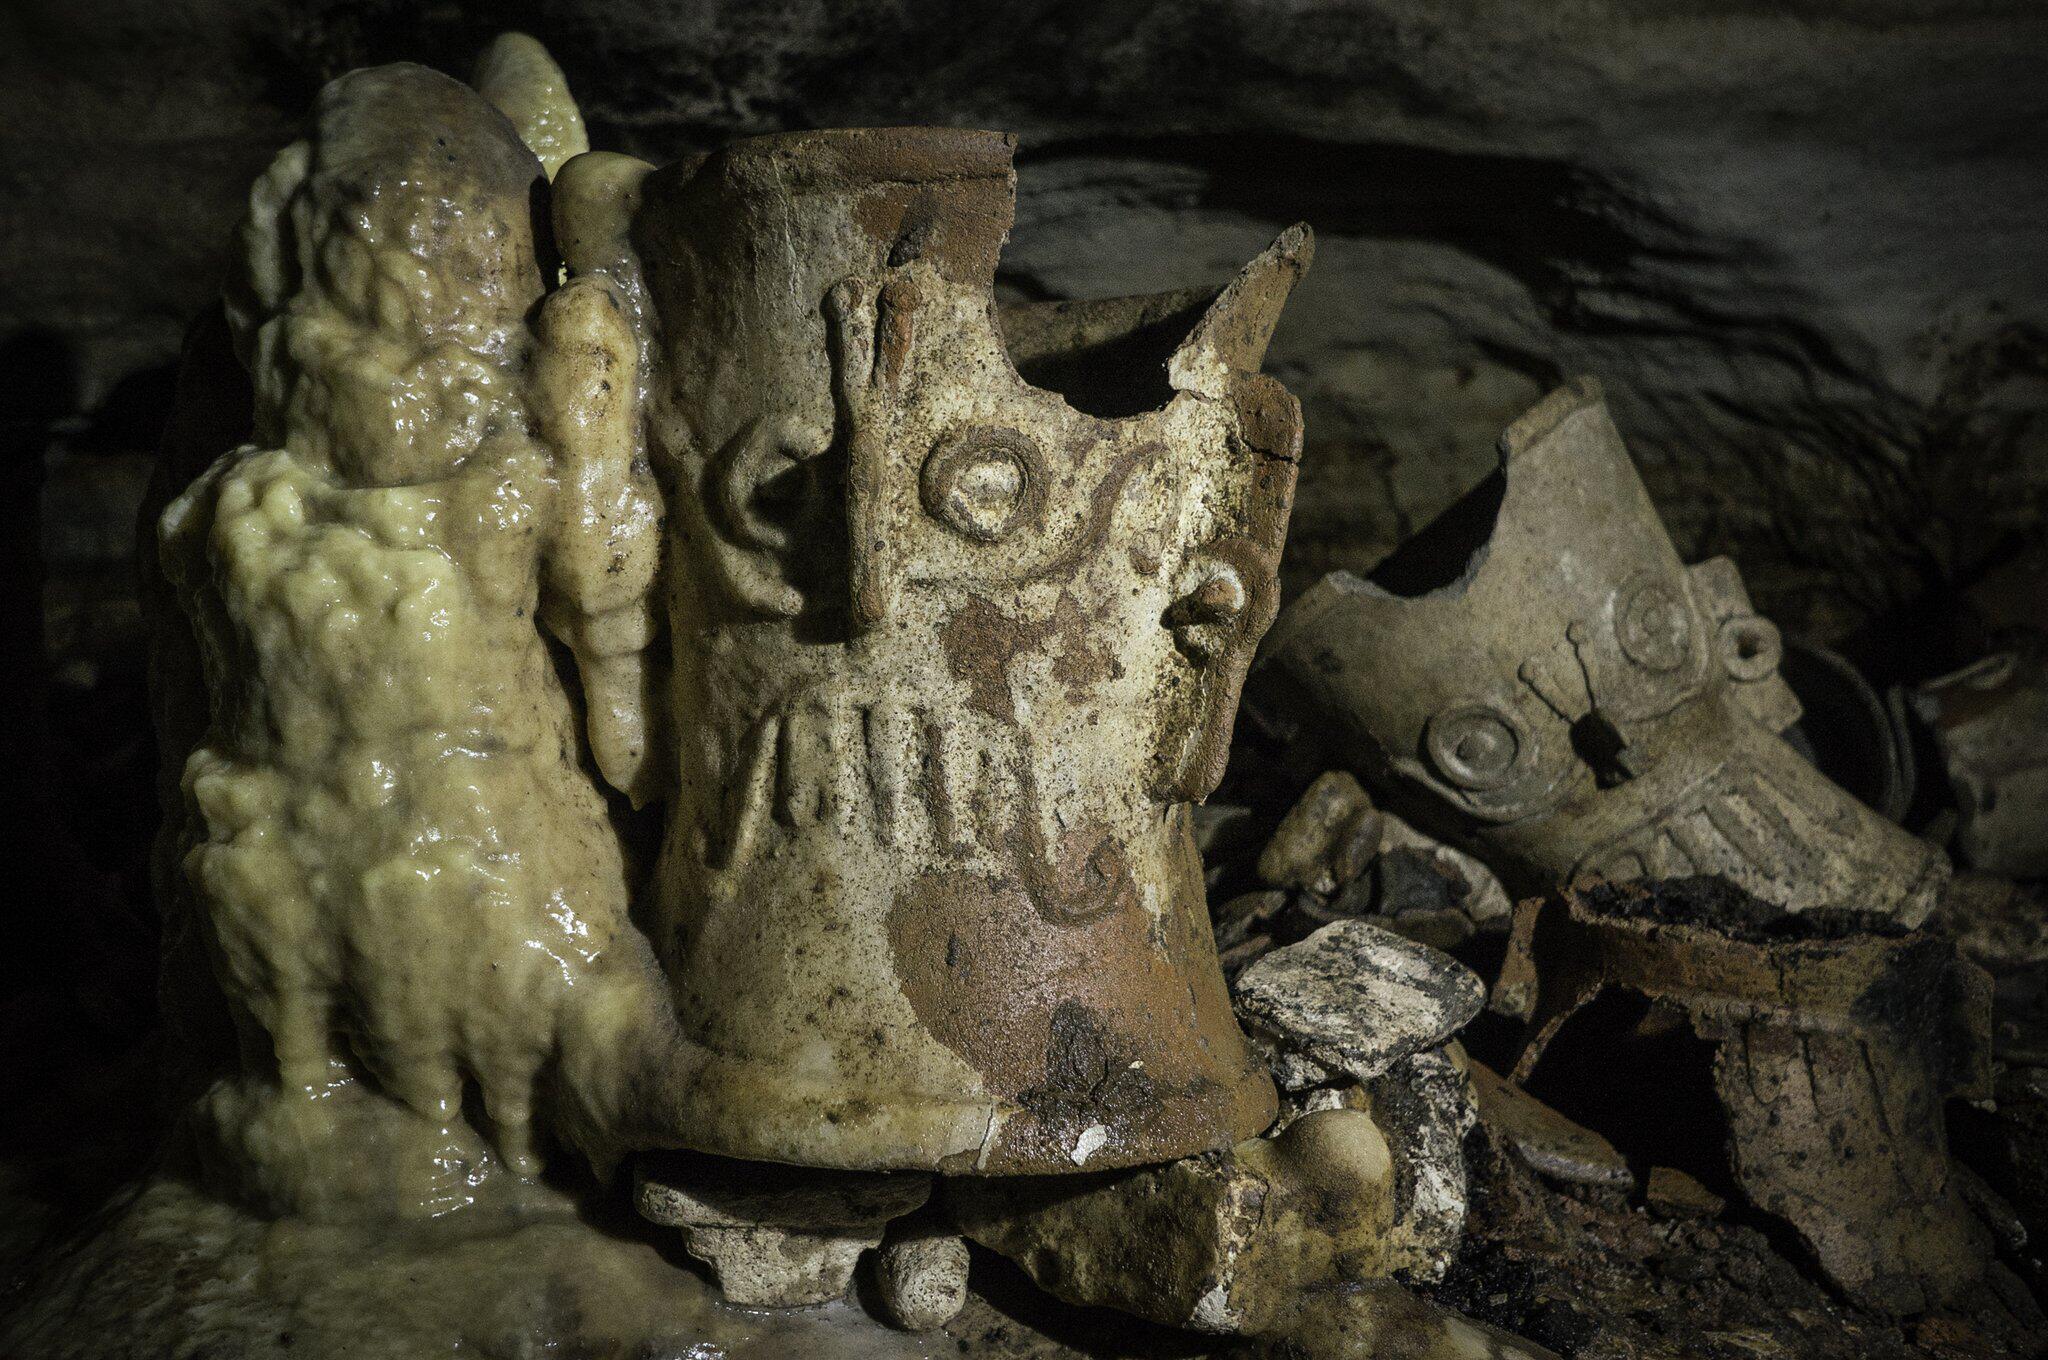 Bild zu Mehr als 1000 Jahre alte Opfergaben in Chichen Itza entdeckt